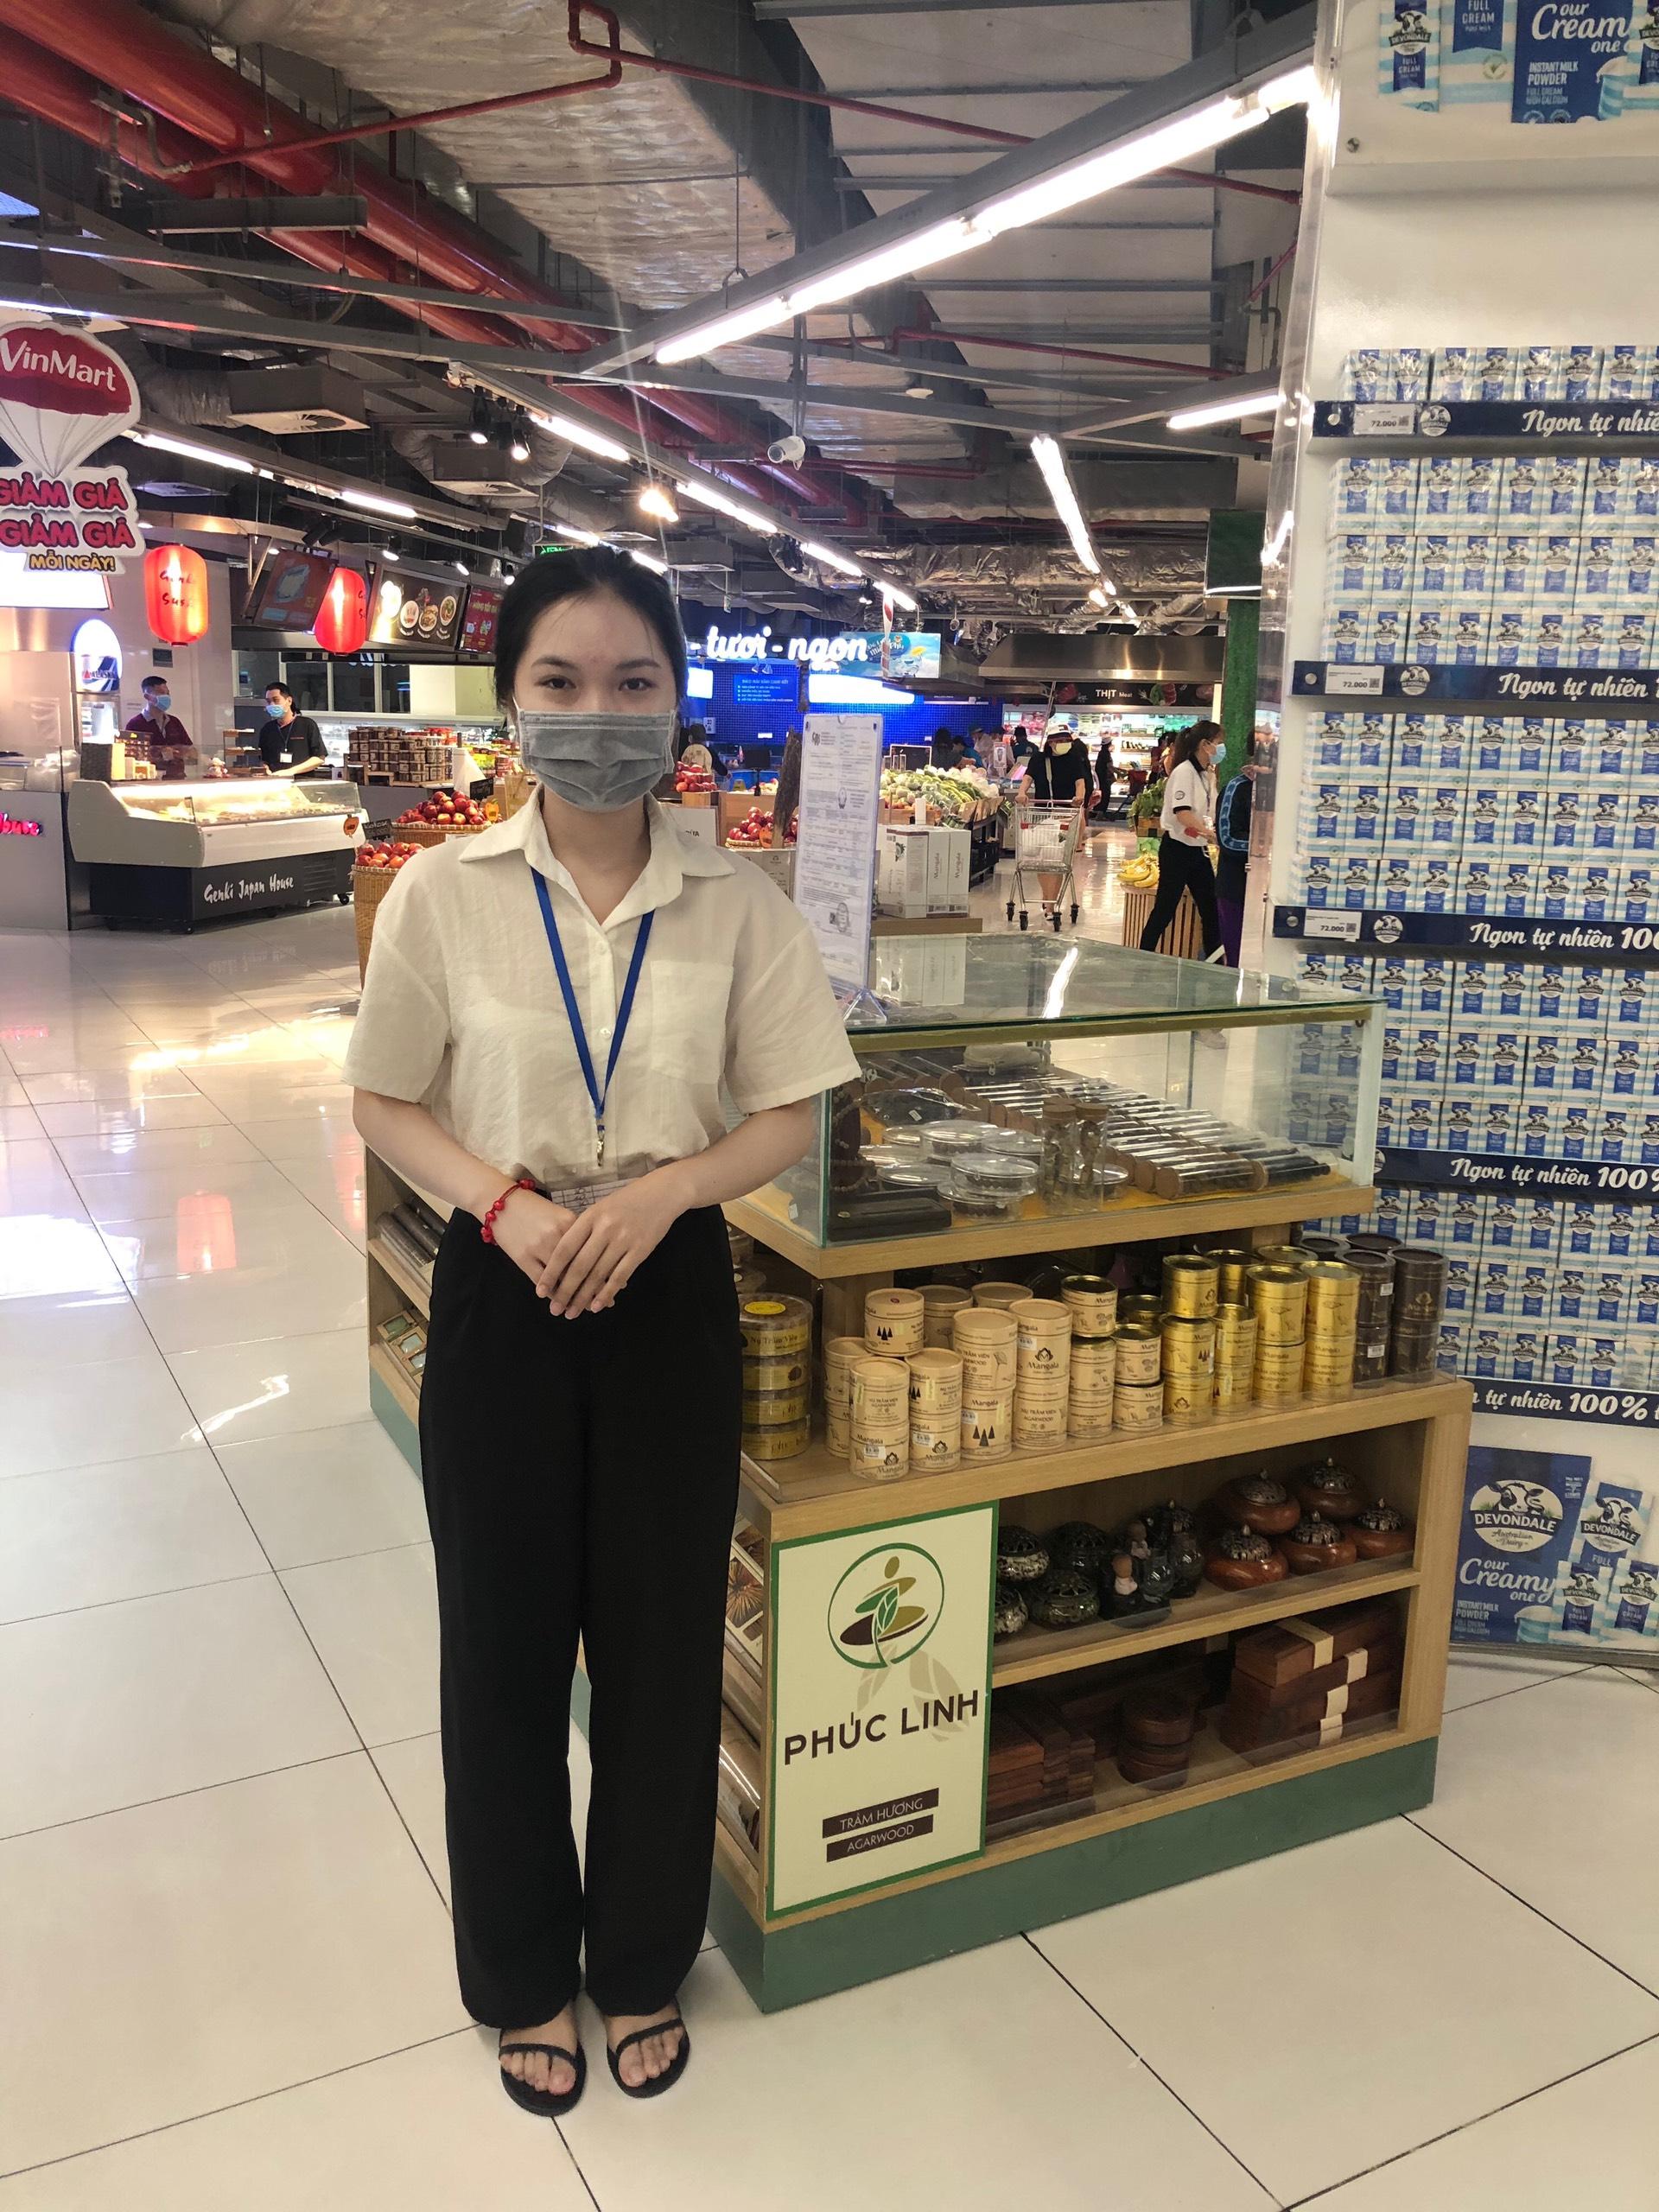 Cửa hàng bán Vòng Trầm Hương Tp. Hồ Chí Minh - Quầy Vinmart trong TTTM Vincom Hồ Chí Minh